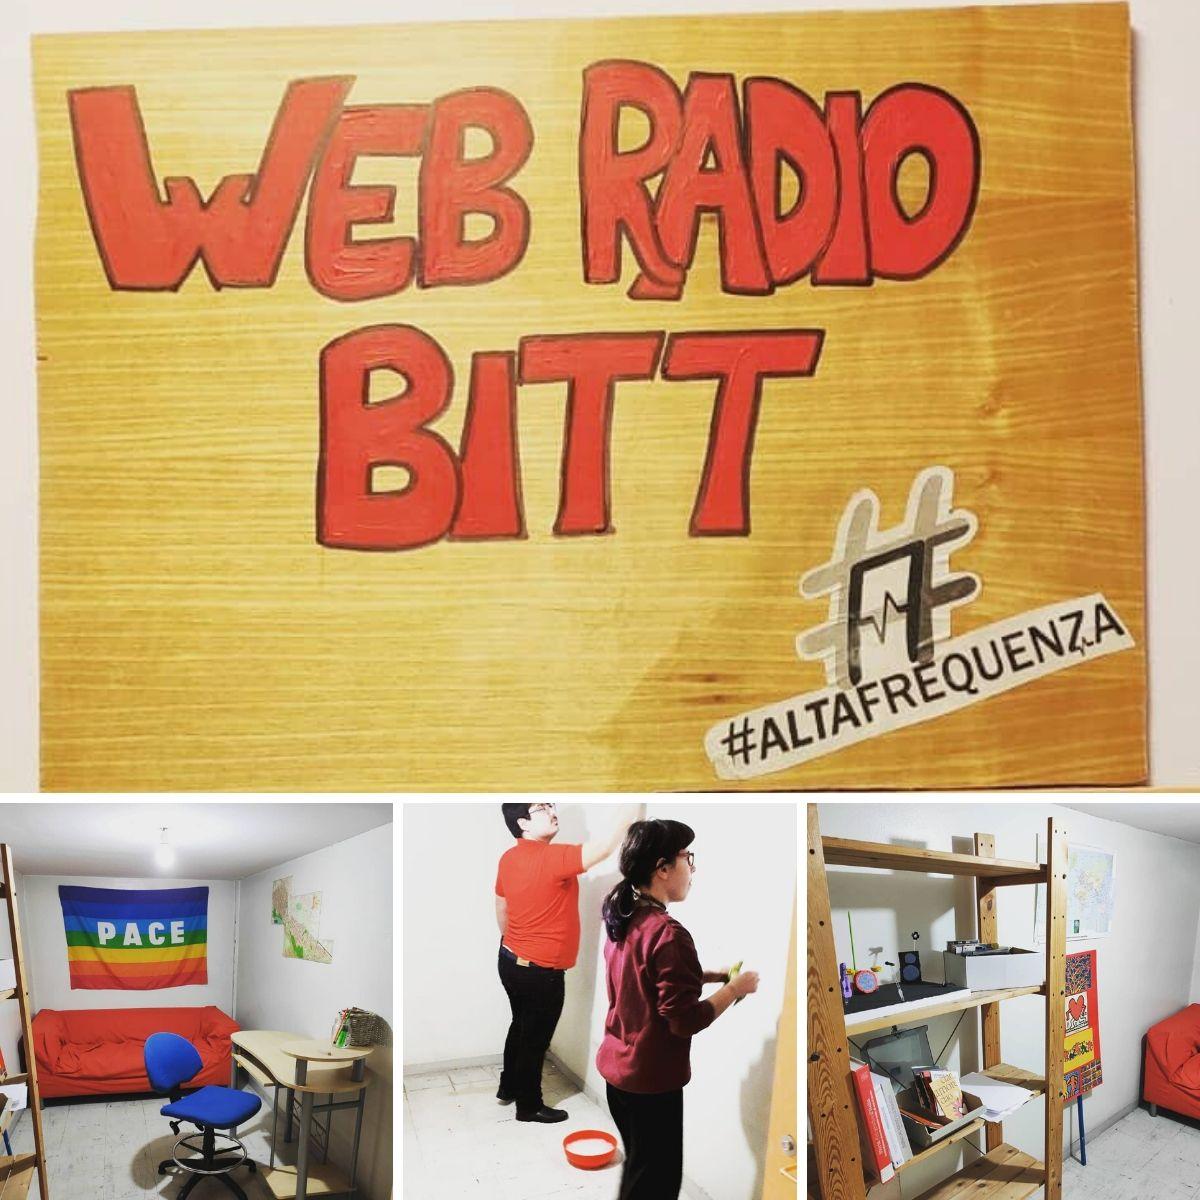 web radio Batti il Tuo Tempo